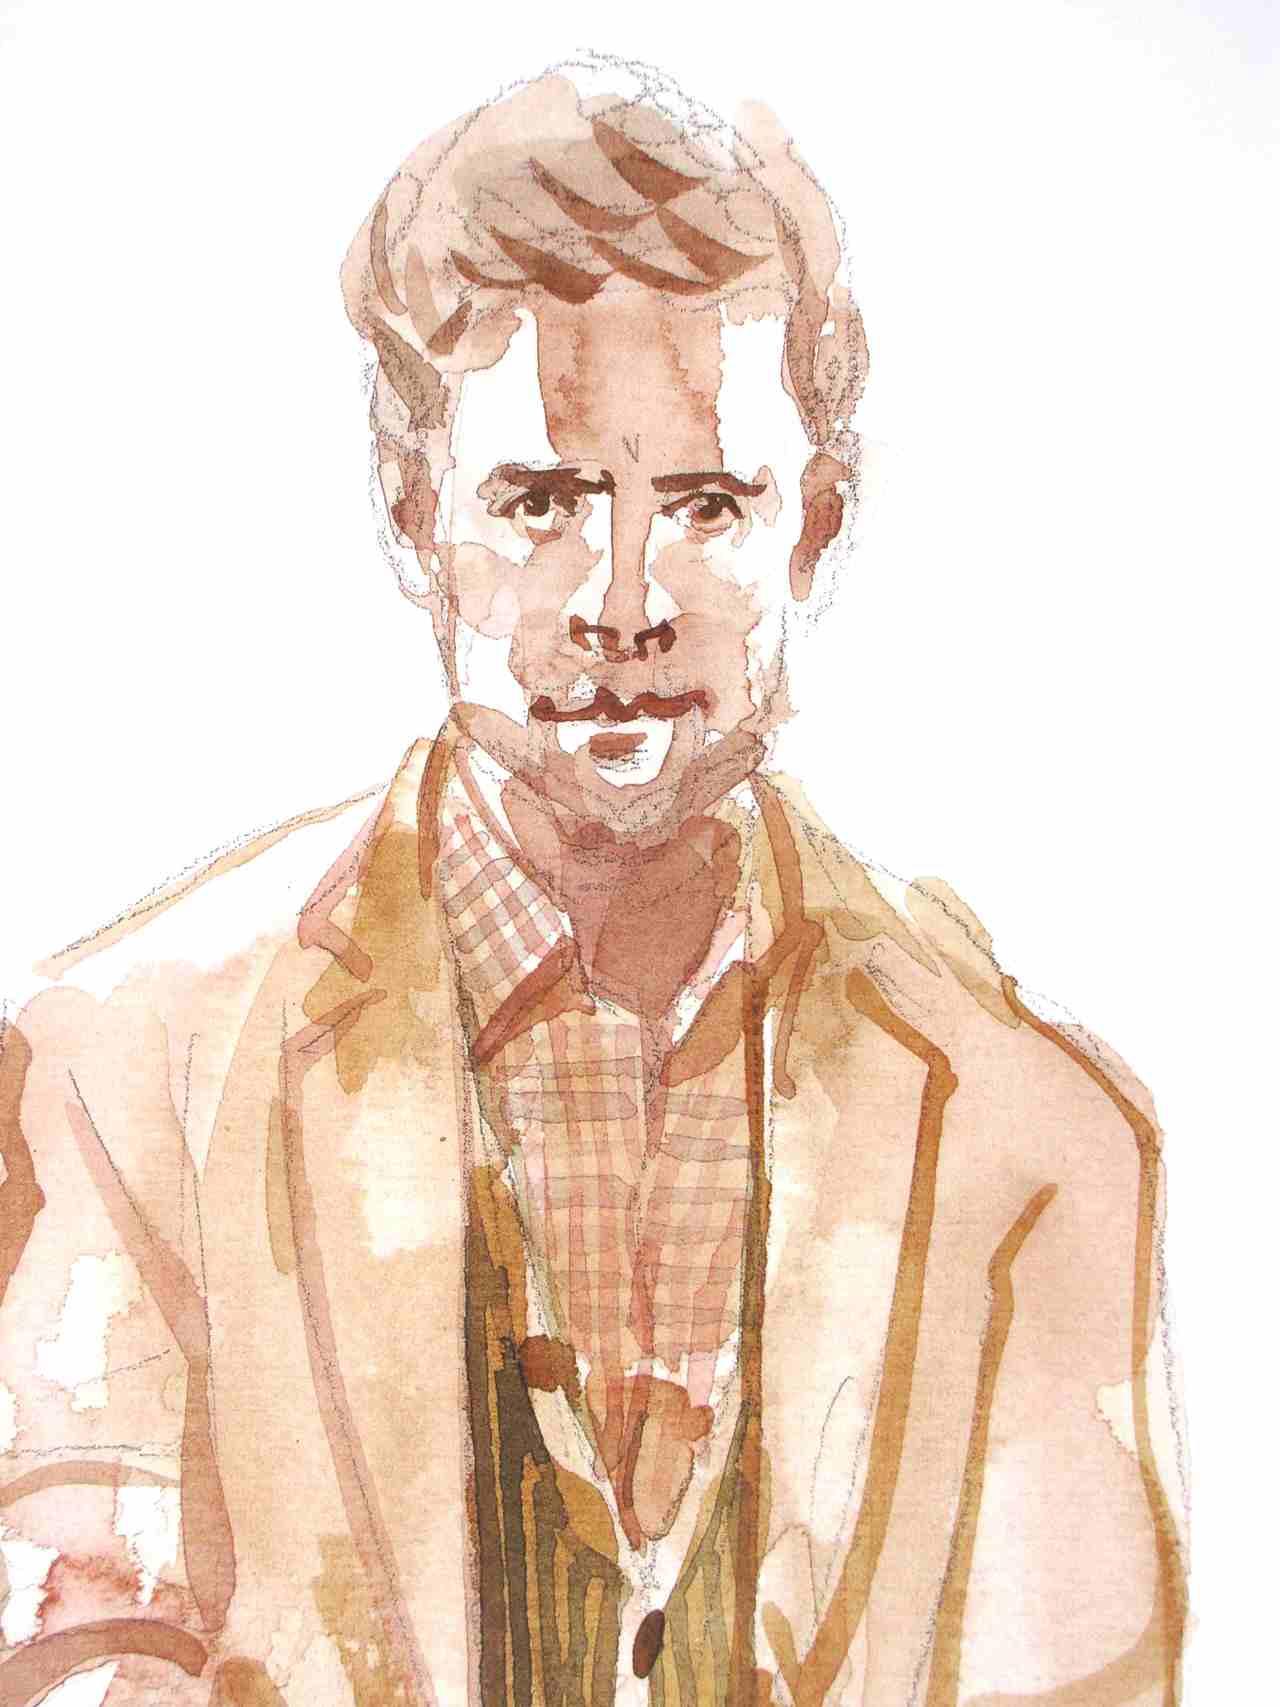 Andrea Mancini fashion illustration 34